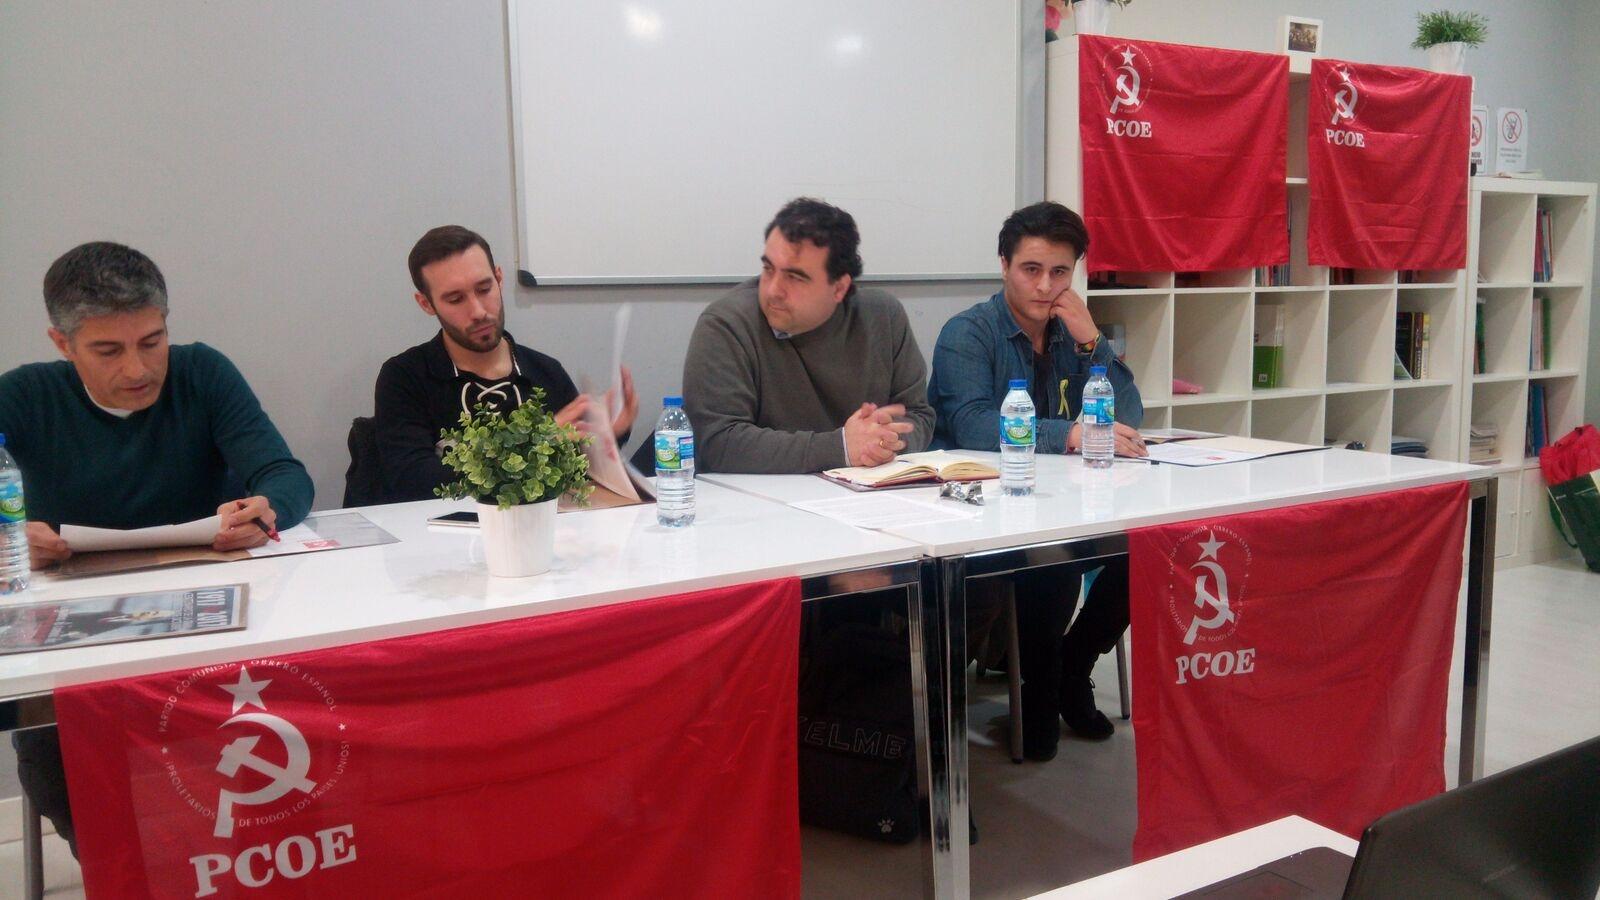 Ayer, 18 de noviembre, tuvo lugar en Madrid el acto de nuestro Partido en conmemoración del Centenario de la Gloriosa Revolución de Octubre. En él se señalaron los avances para…